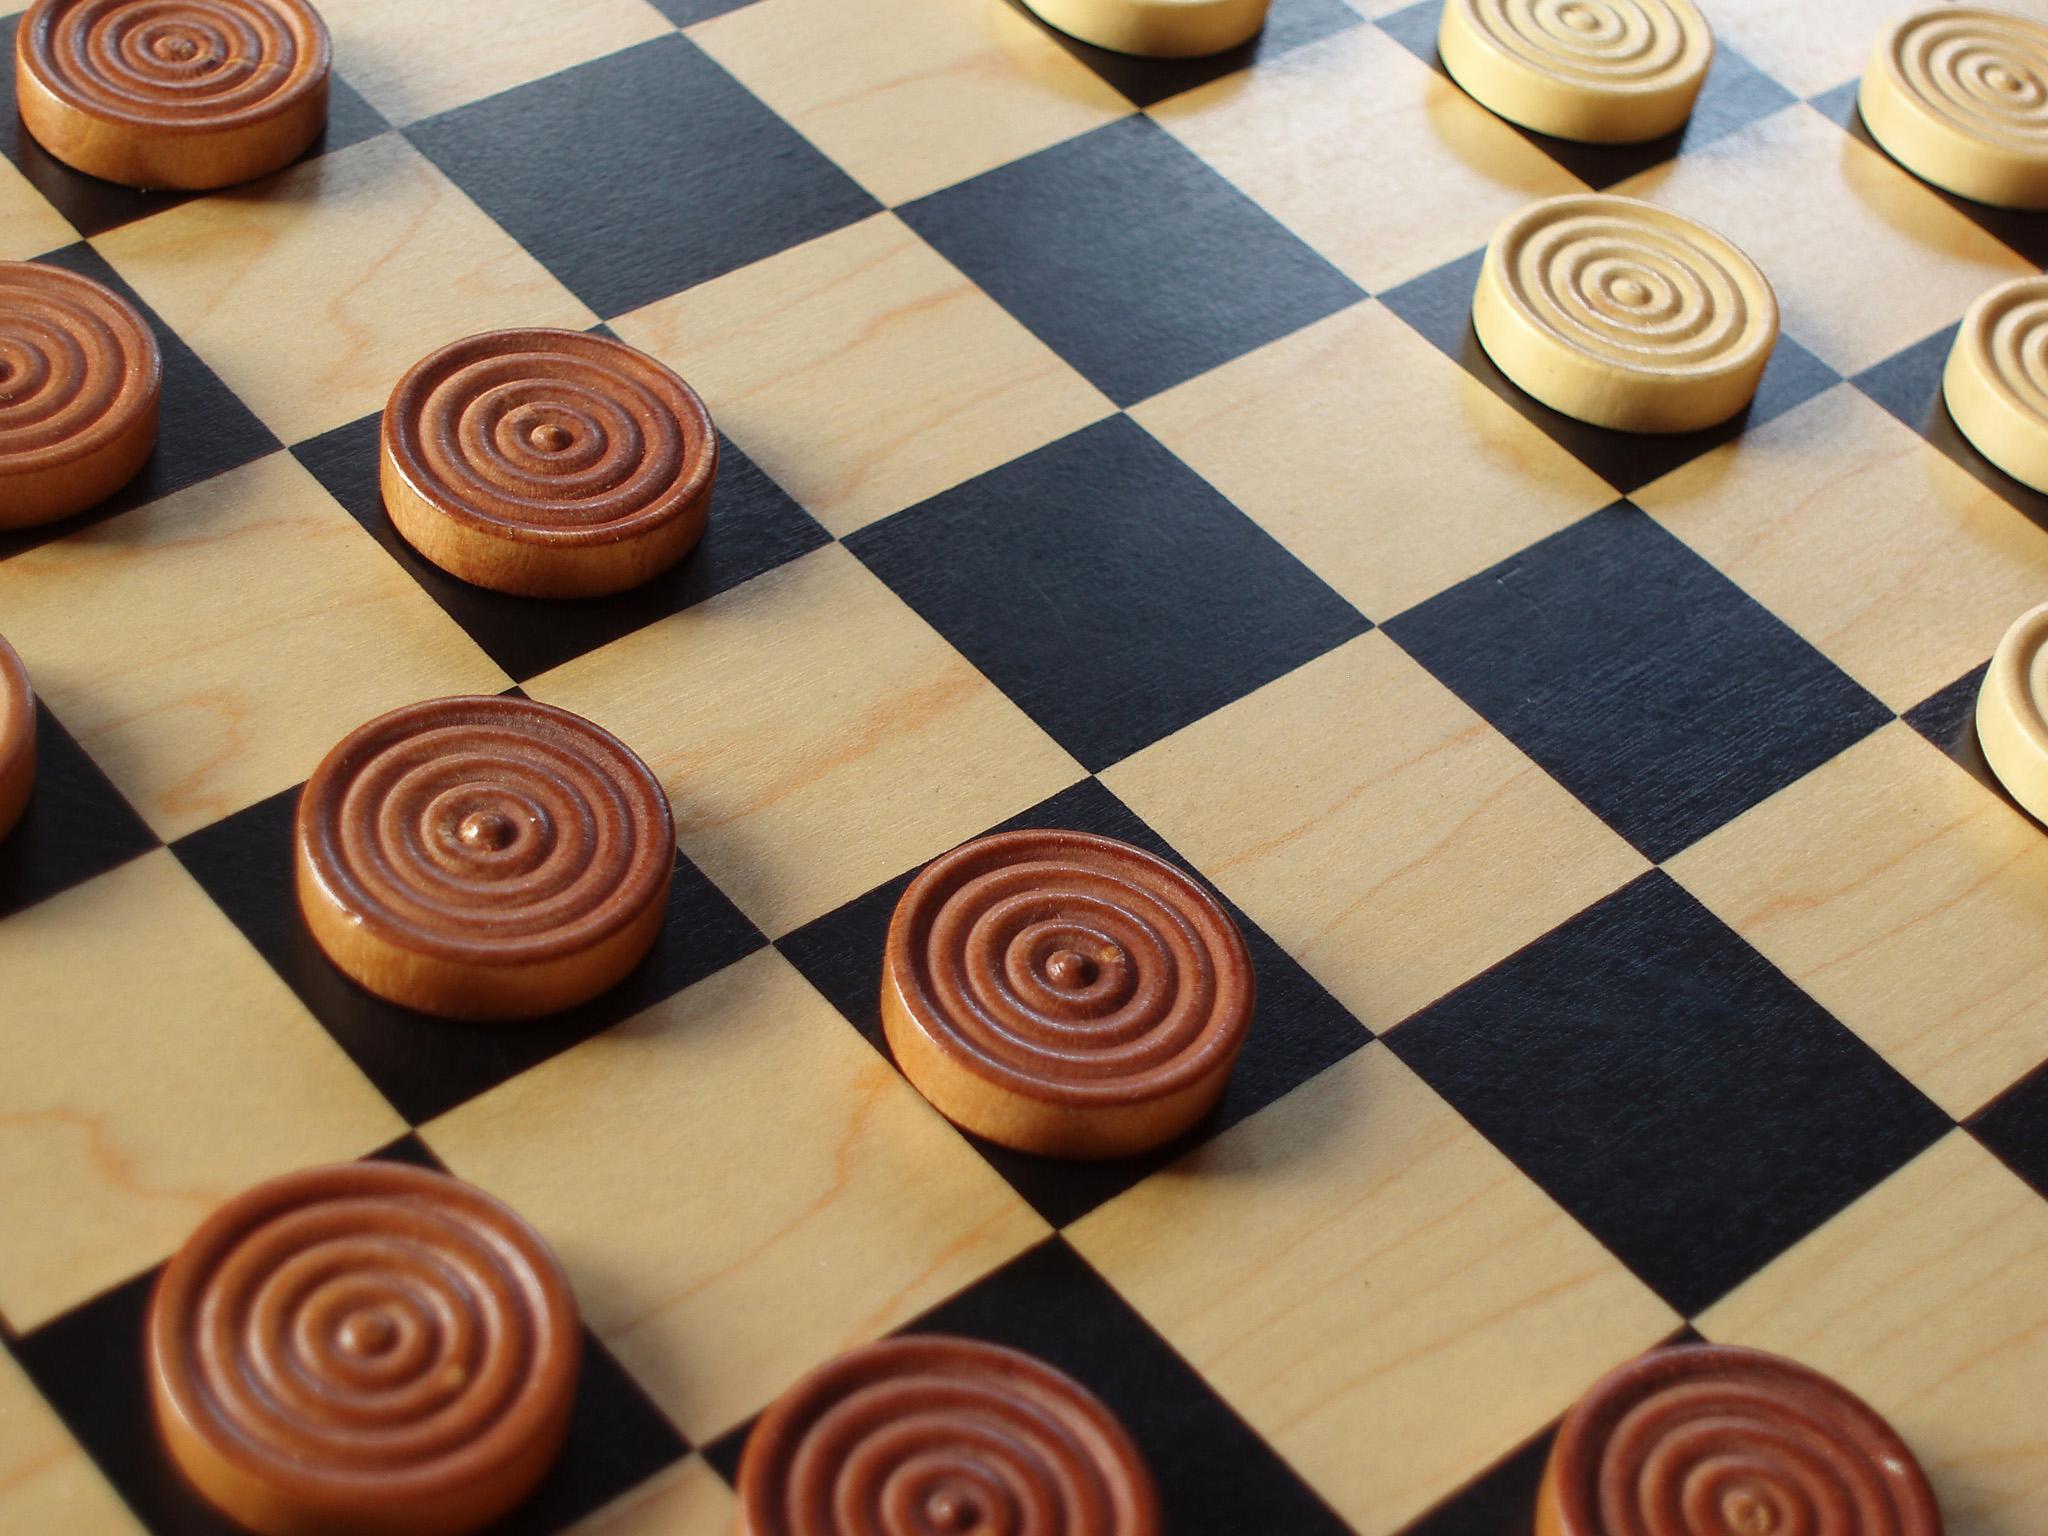 00 клеточные шашки скачать бесрлатно: